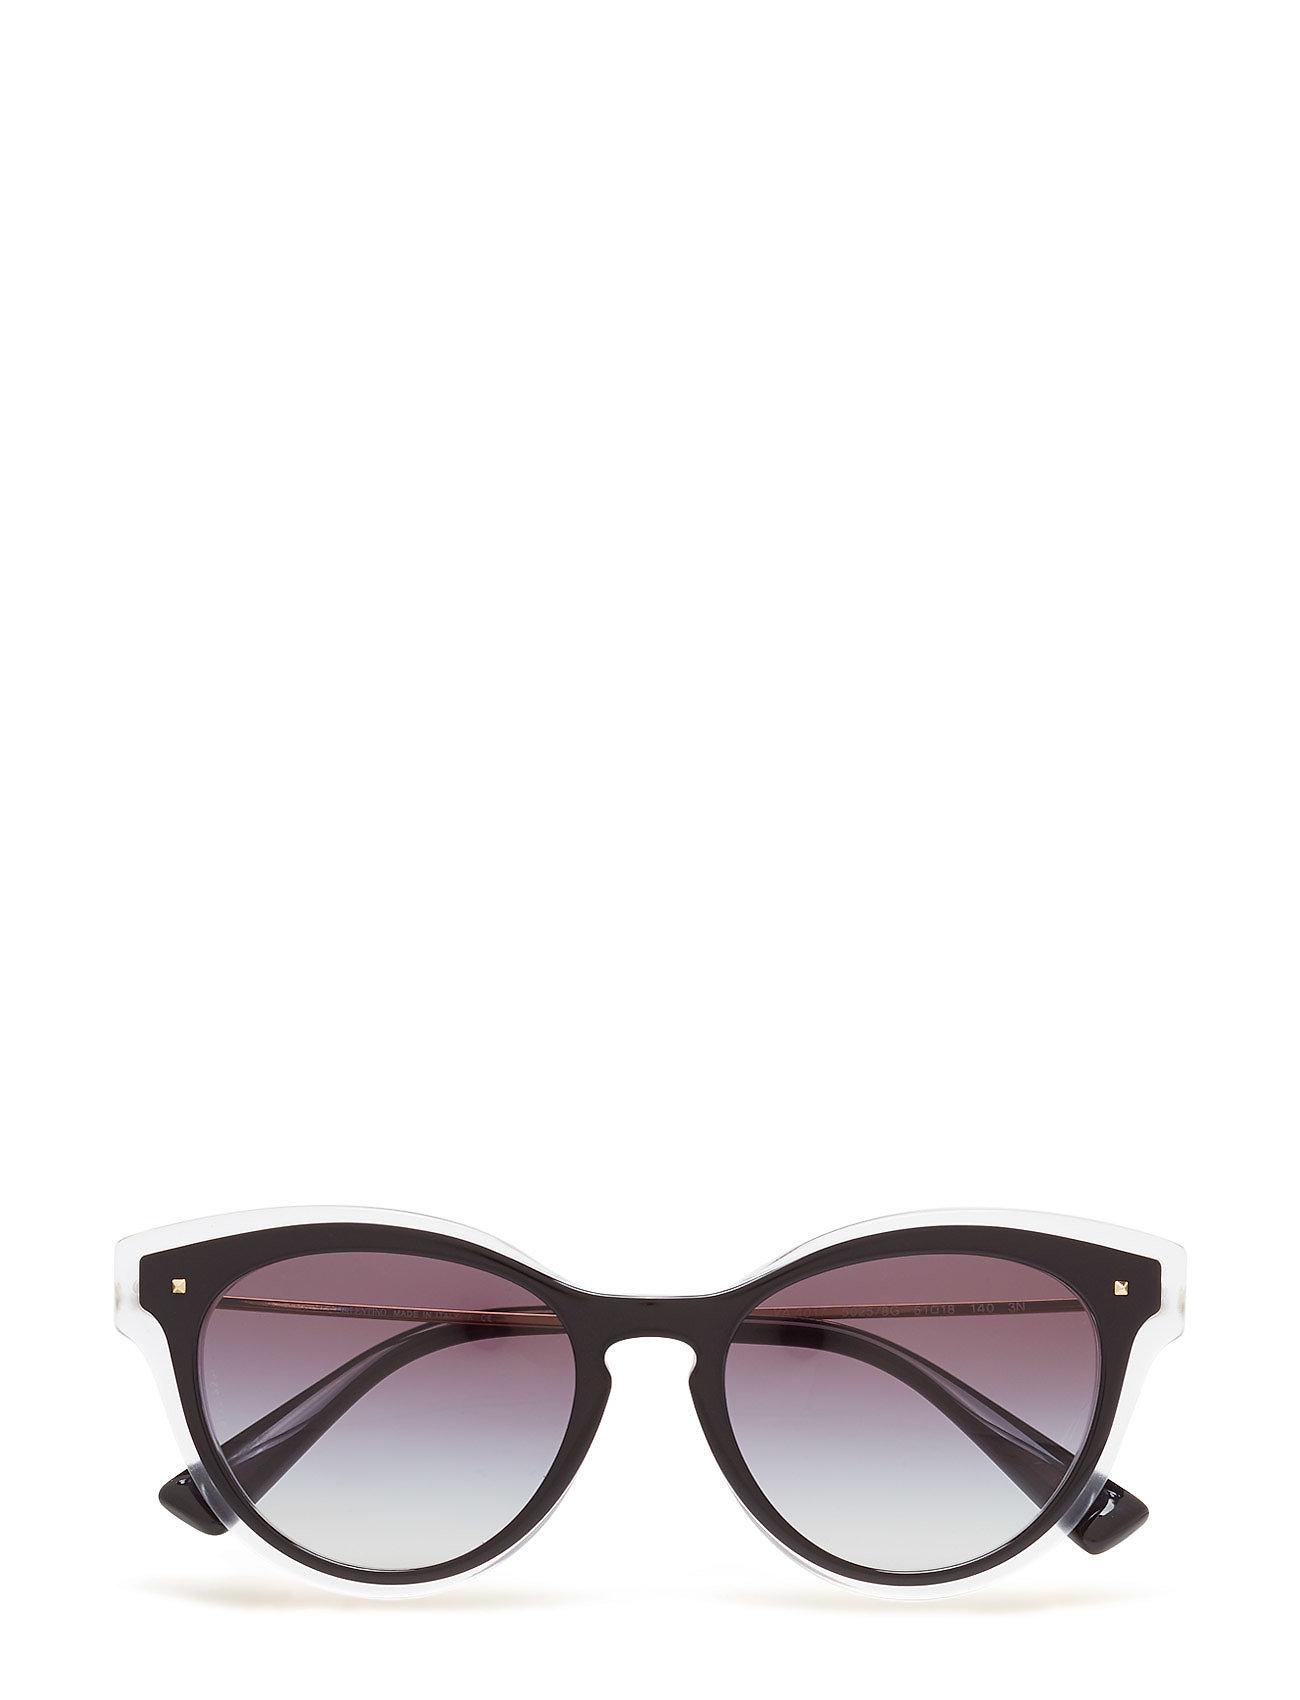 valentino sunglasses Not defined på boozt.com dk